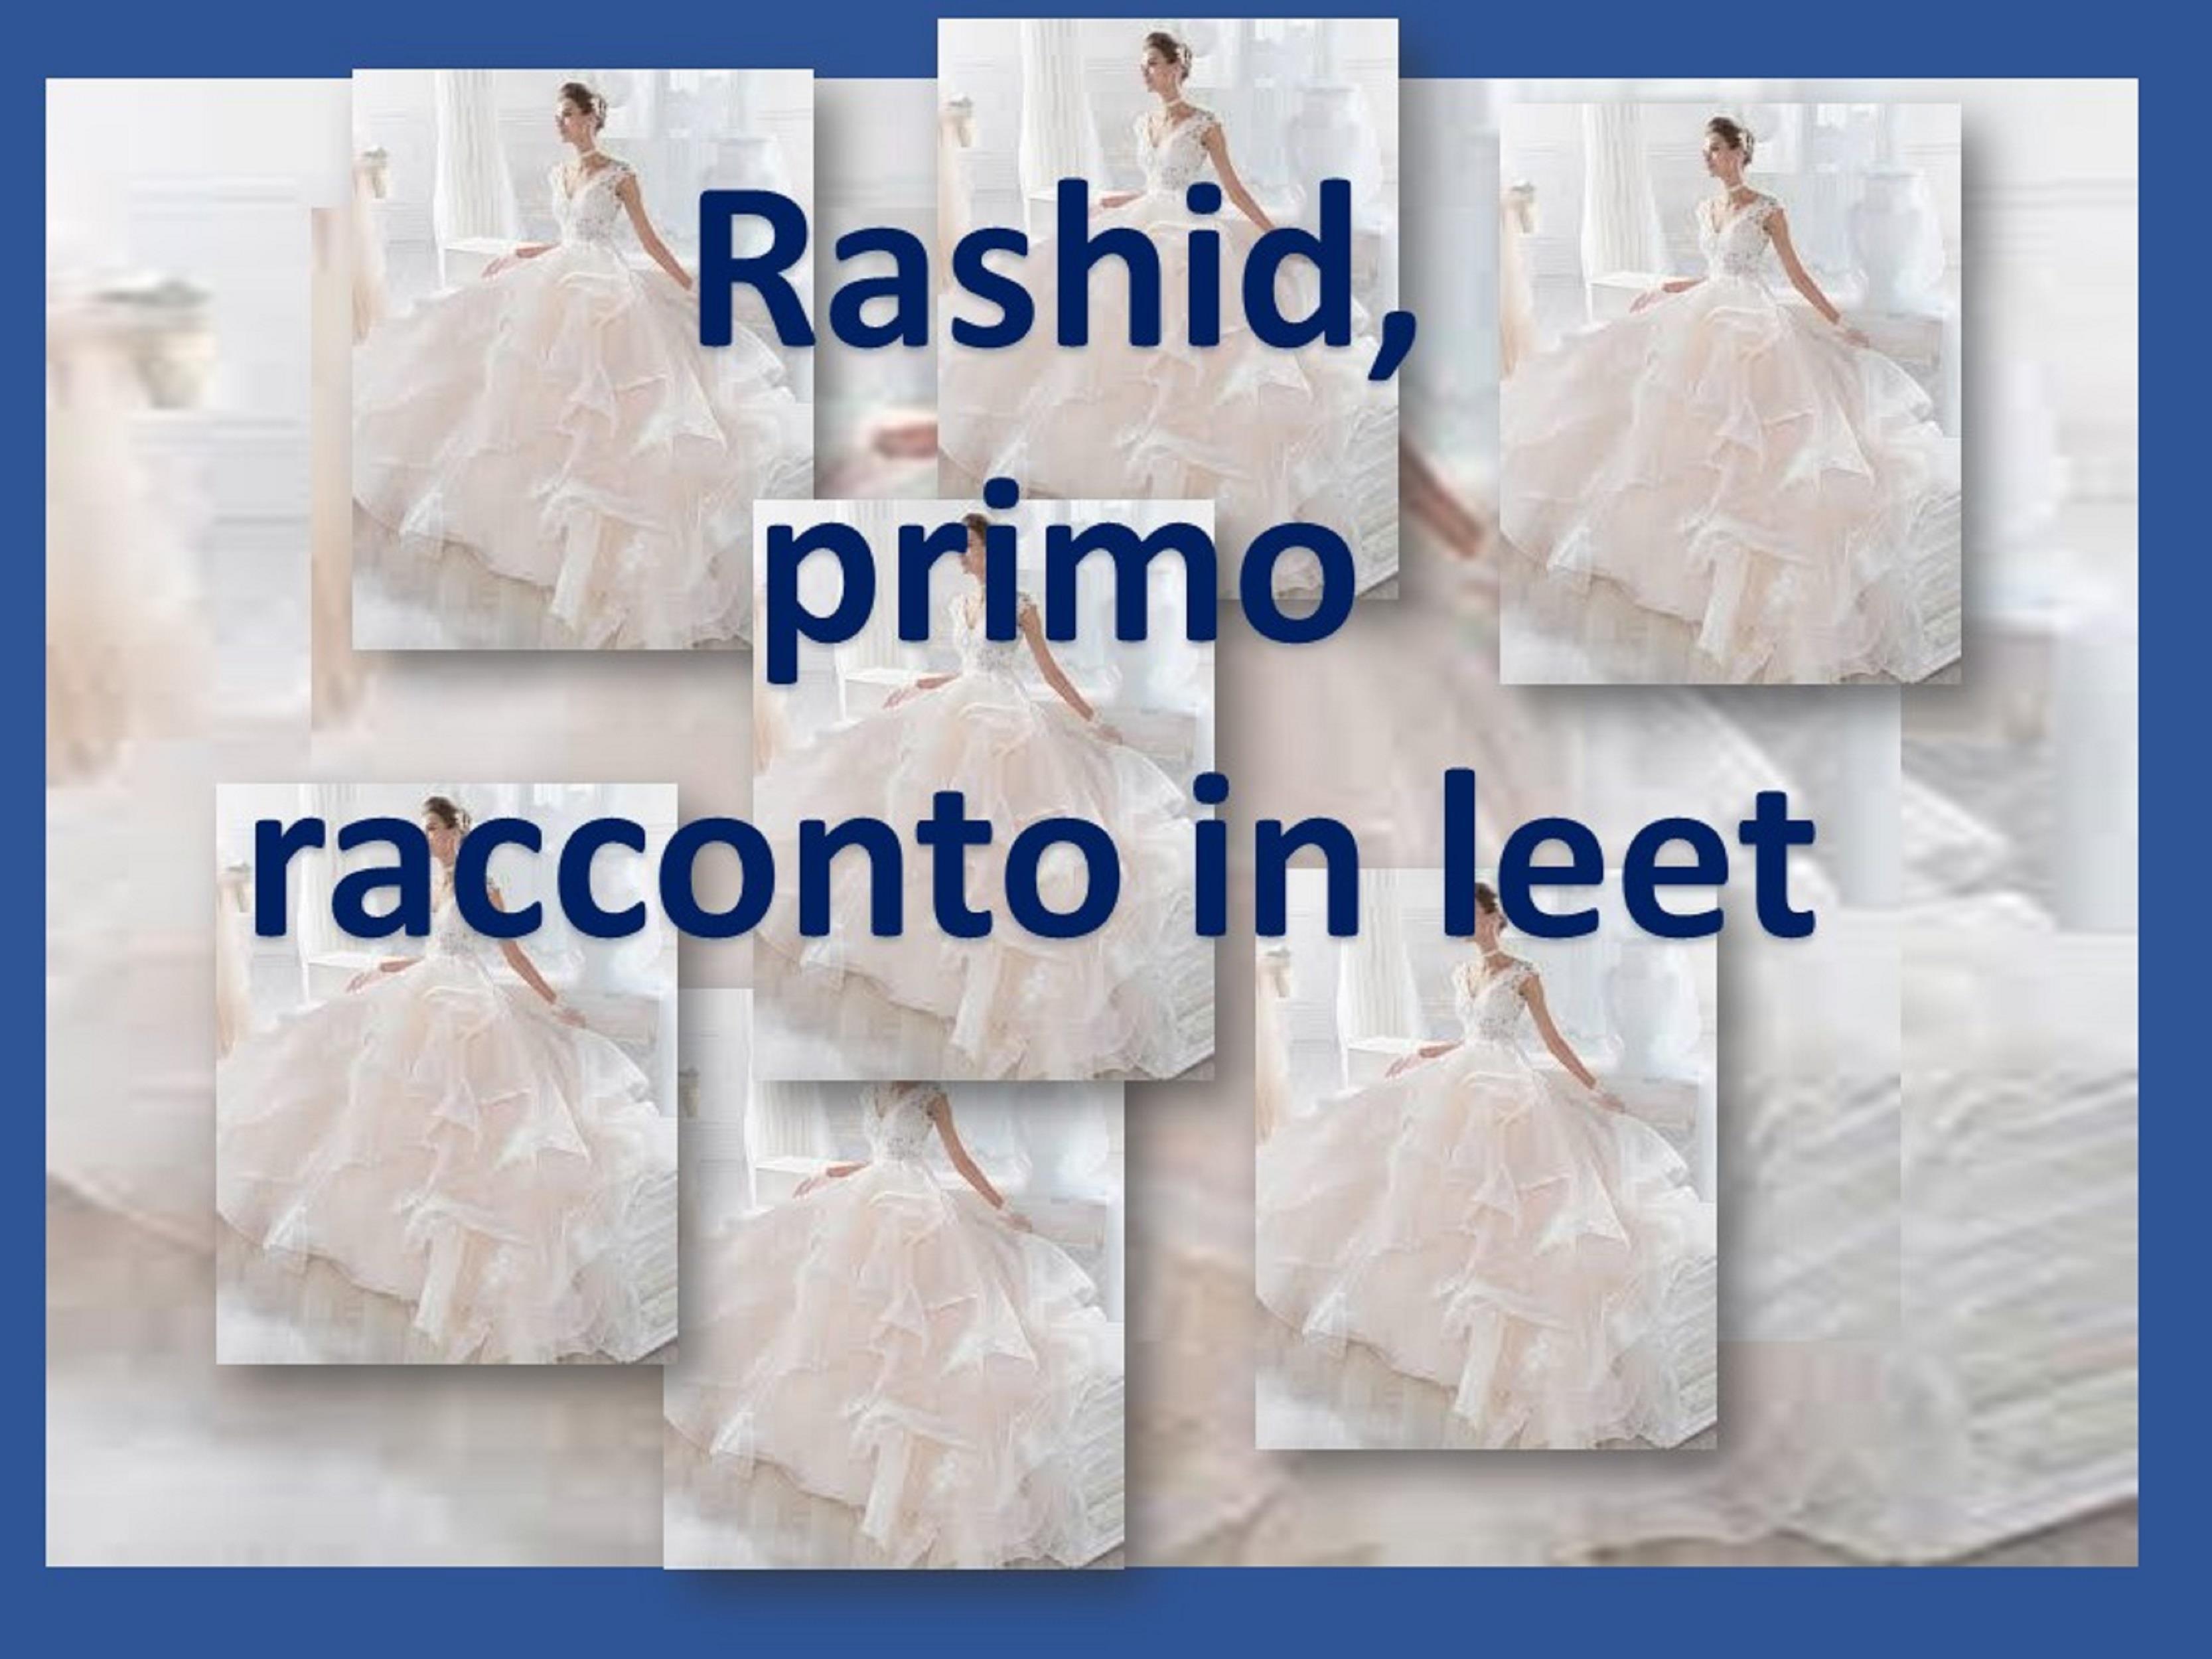 Rashid, primo racconto in leet